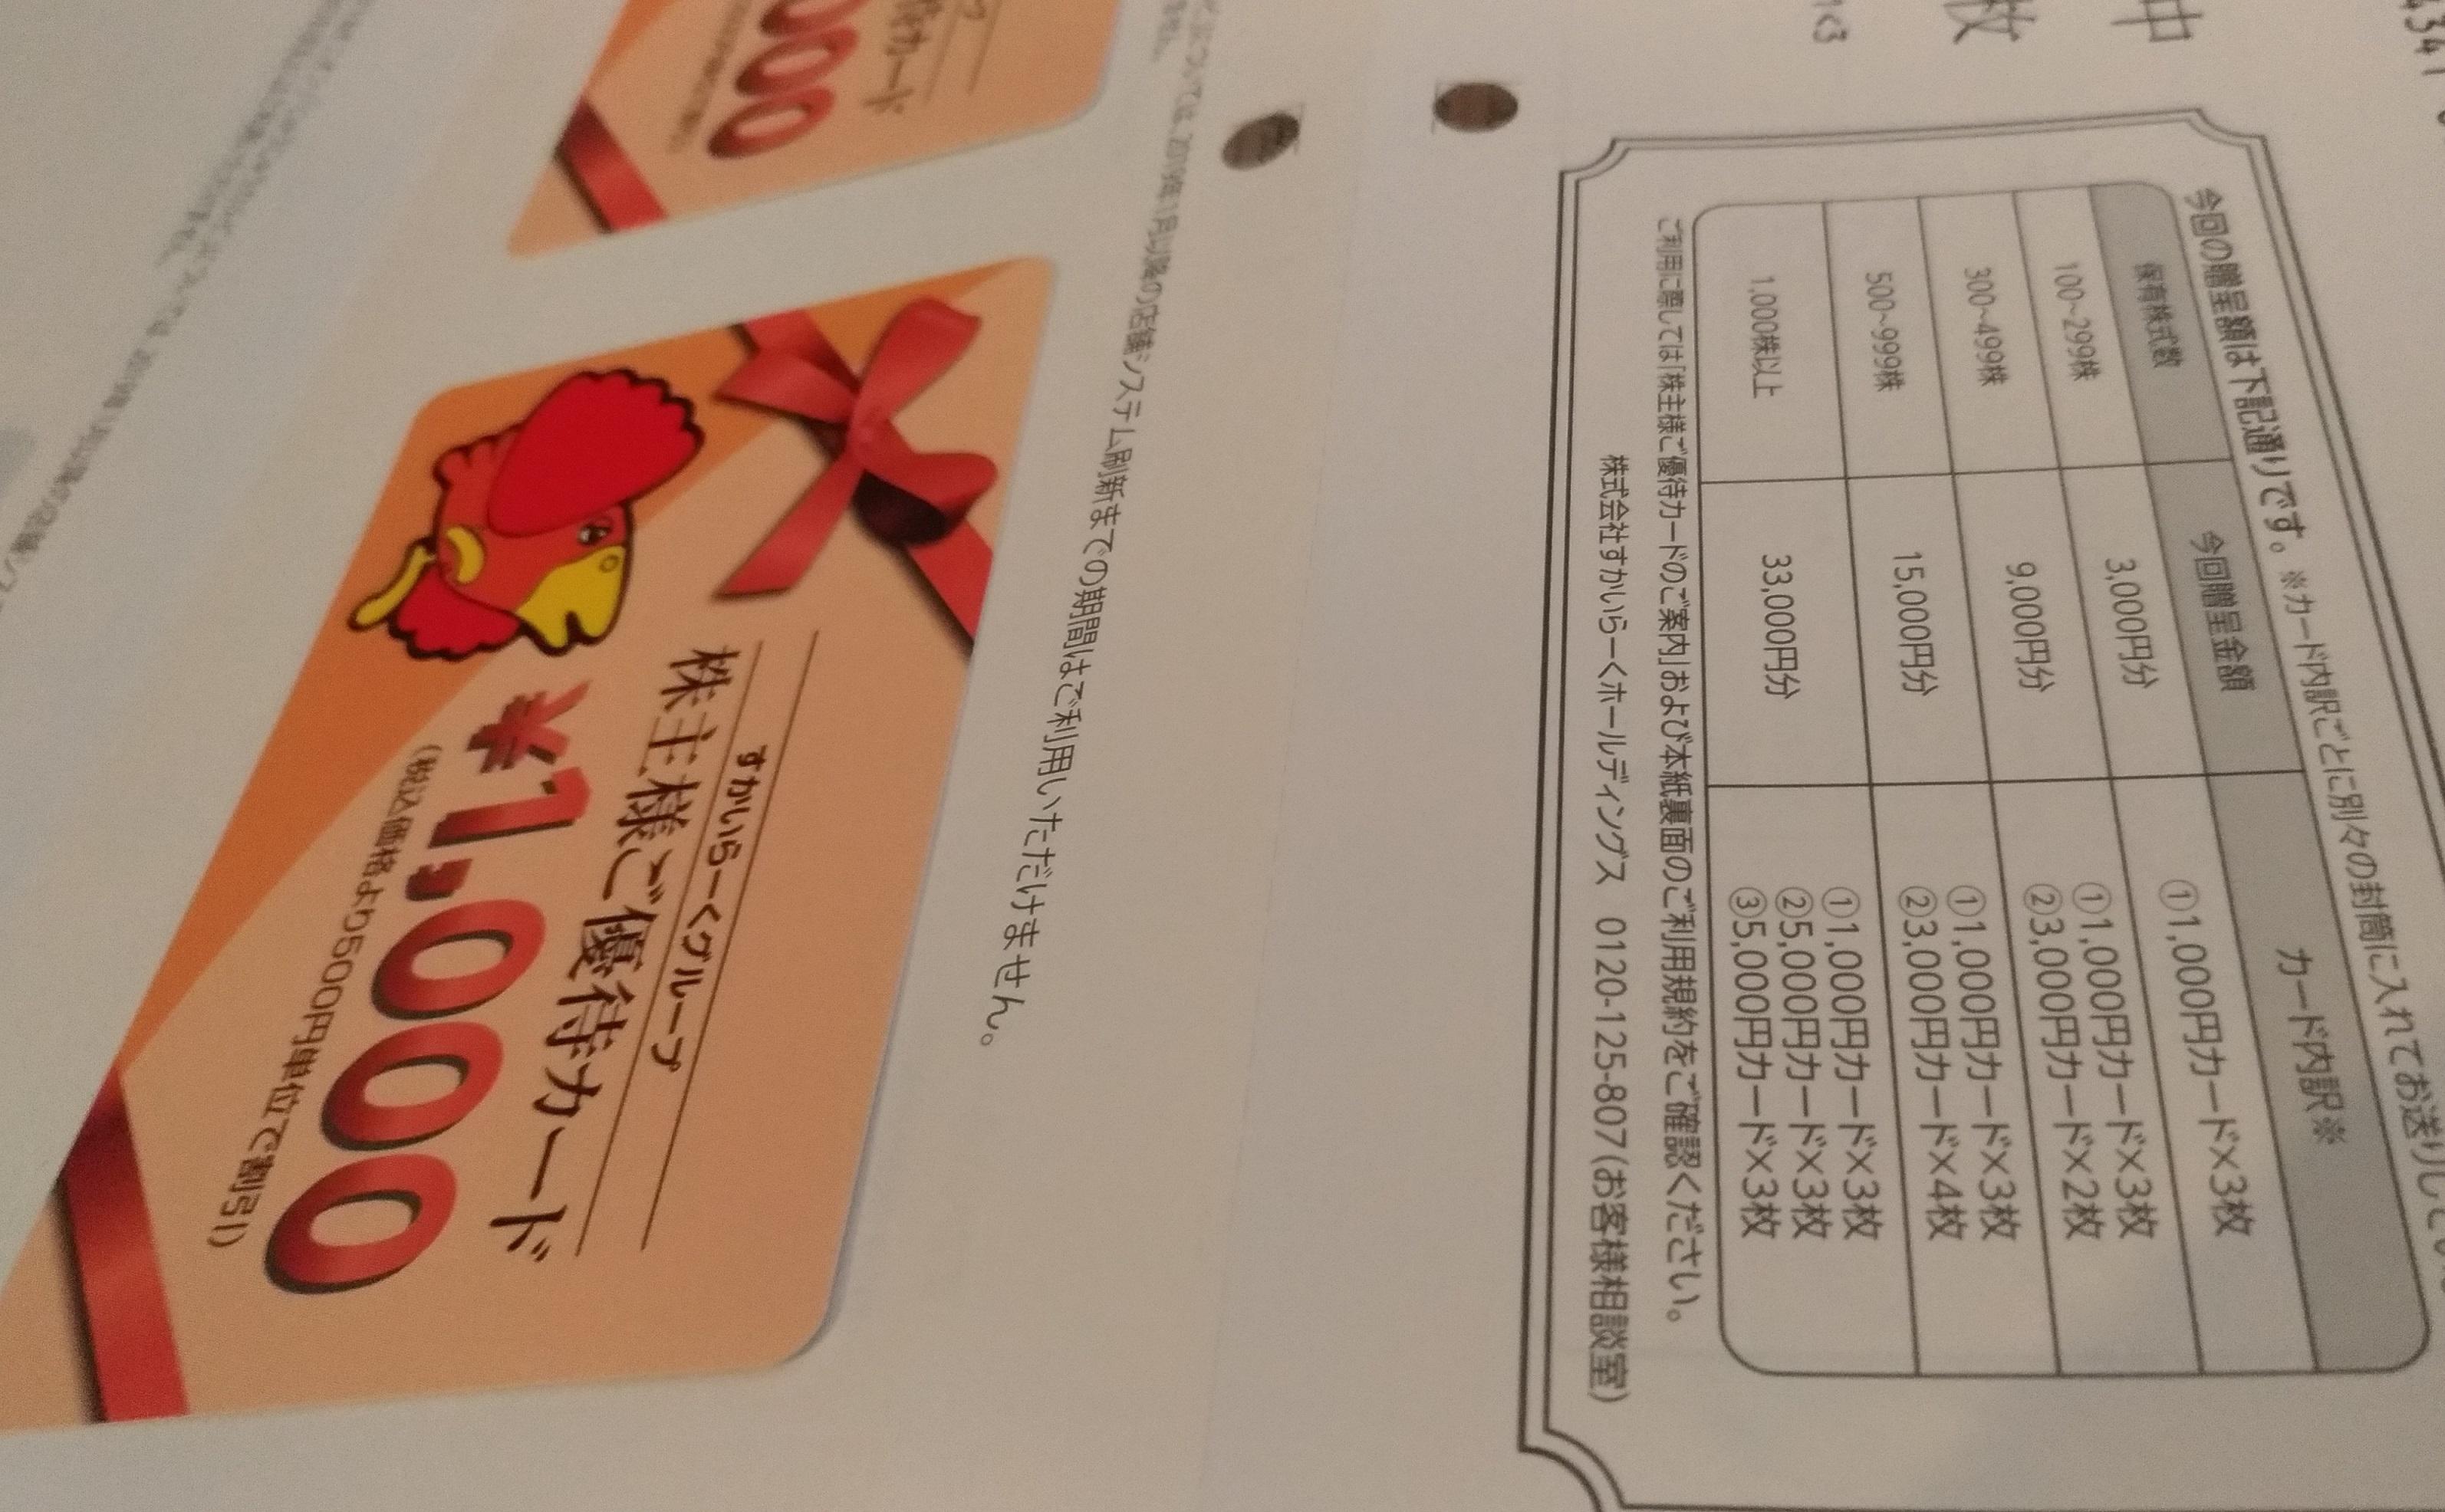 sukairaku_yutai2018_card1.jpg